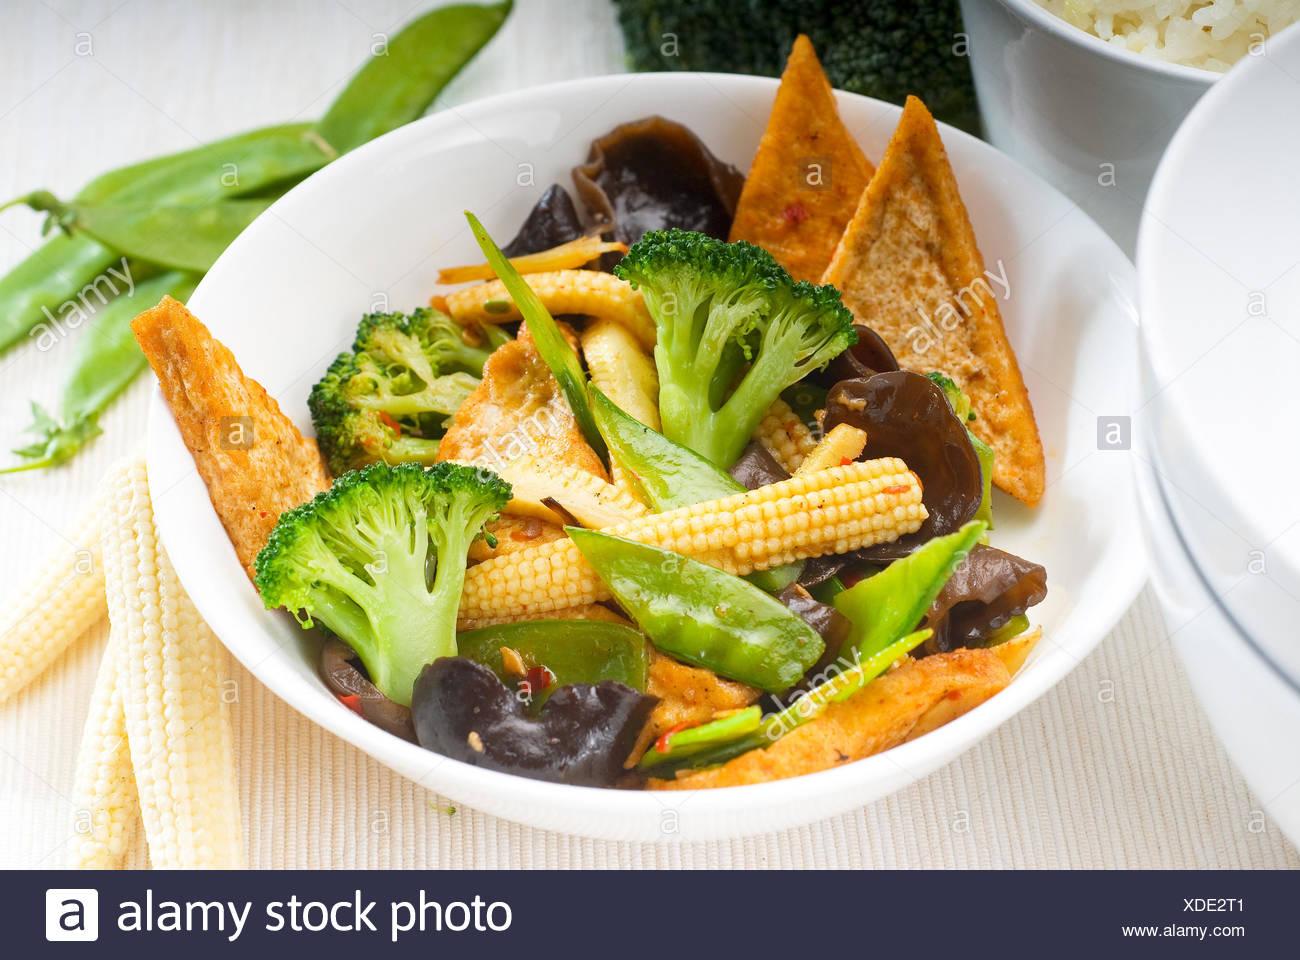 Bohnen Bambus Erbsen Brokkoli Essen Nahrungsmittel Pfeffer Grun